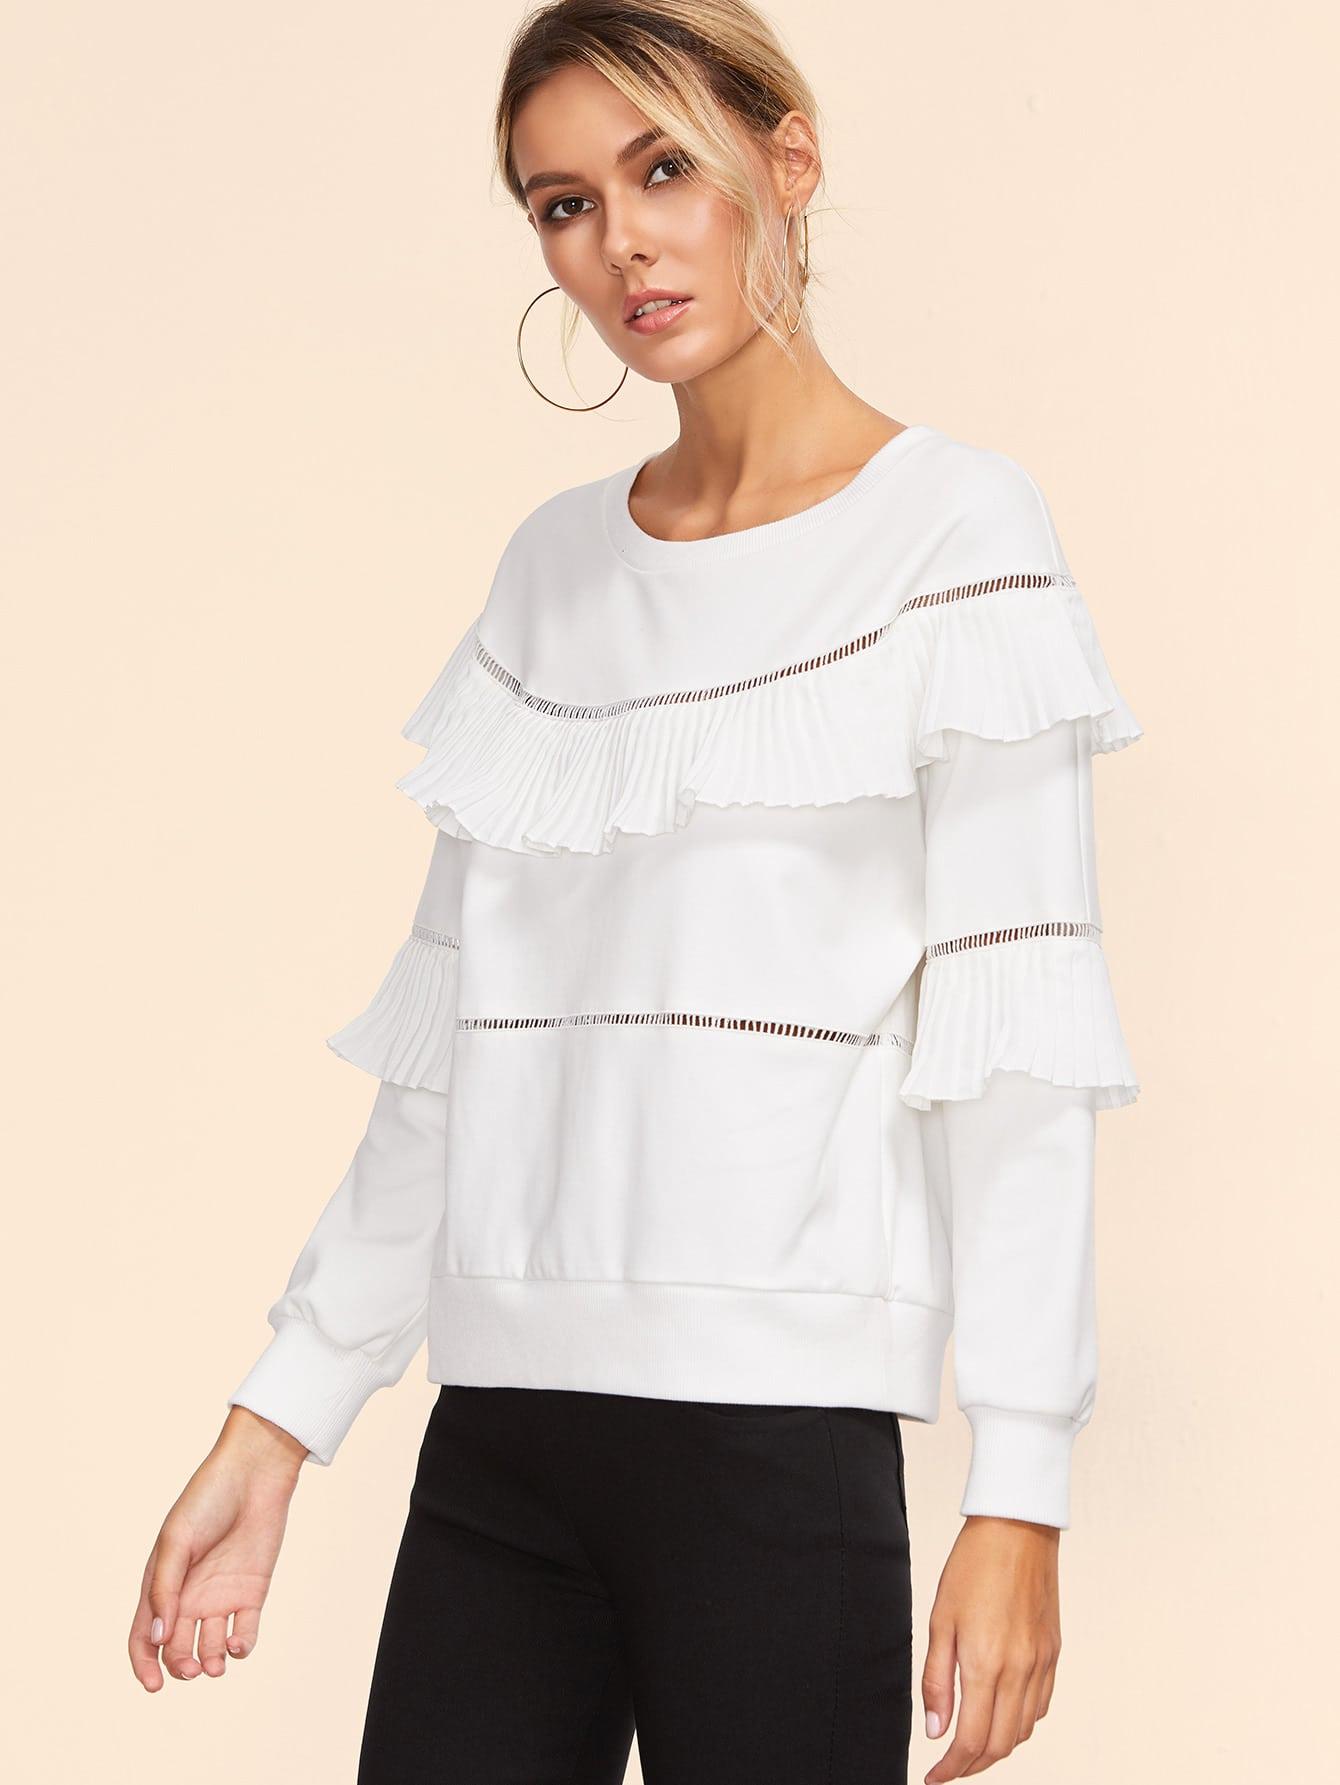 sweatshirt161019704_2